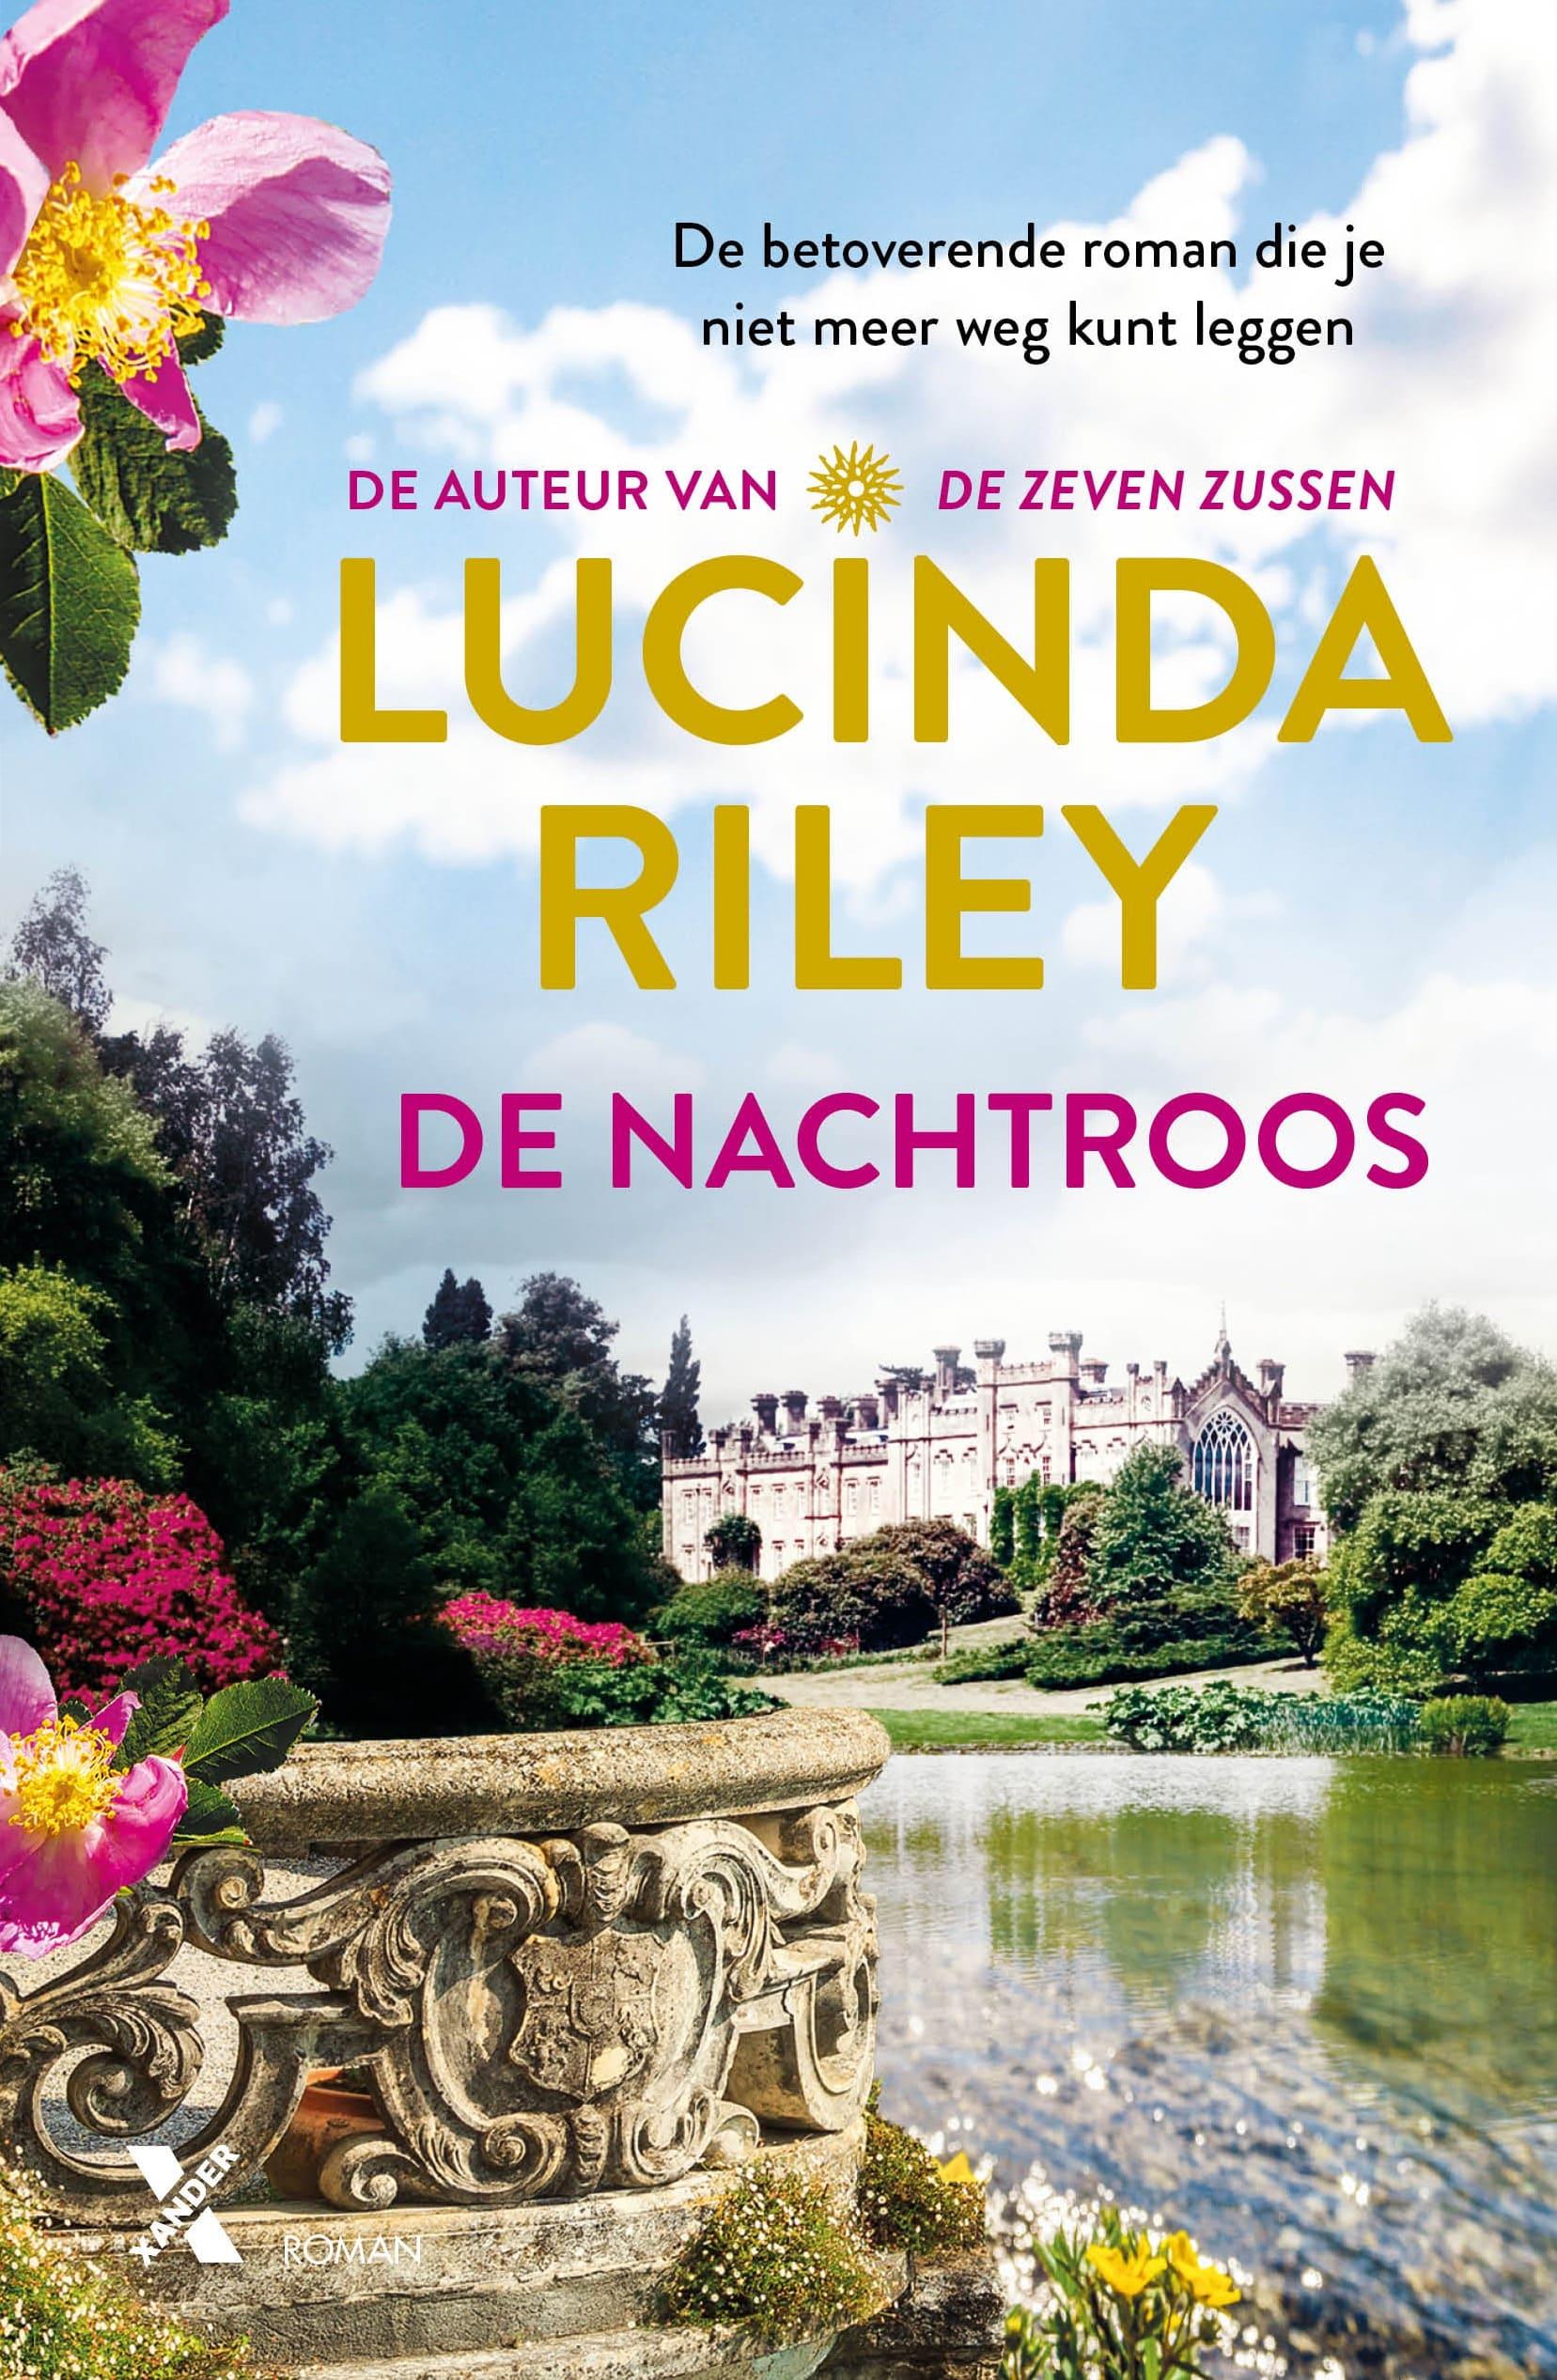 Boek: De nachtroos, Lucinfda Riley